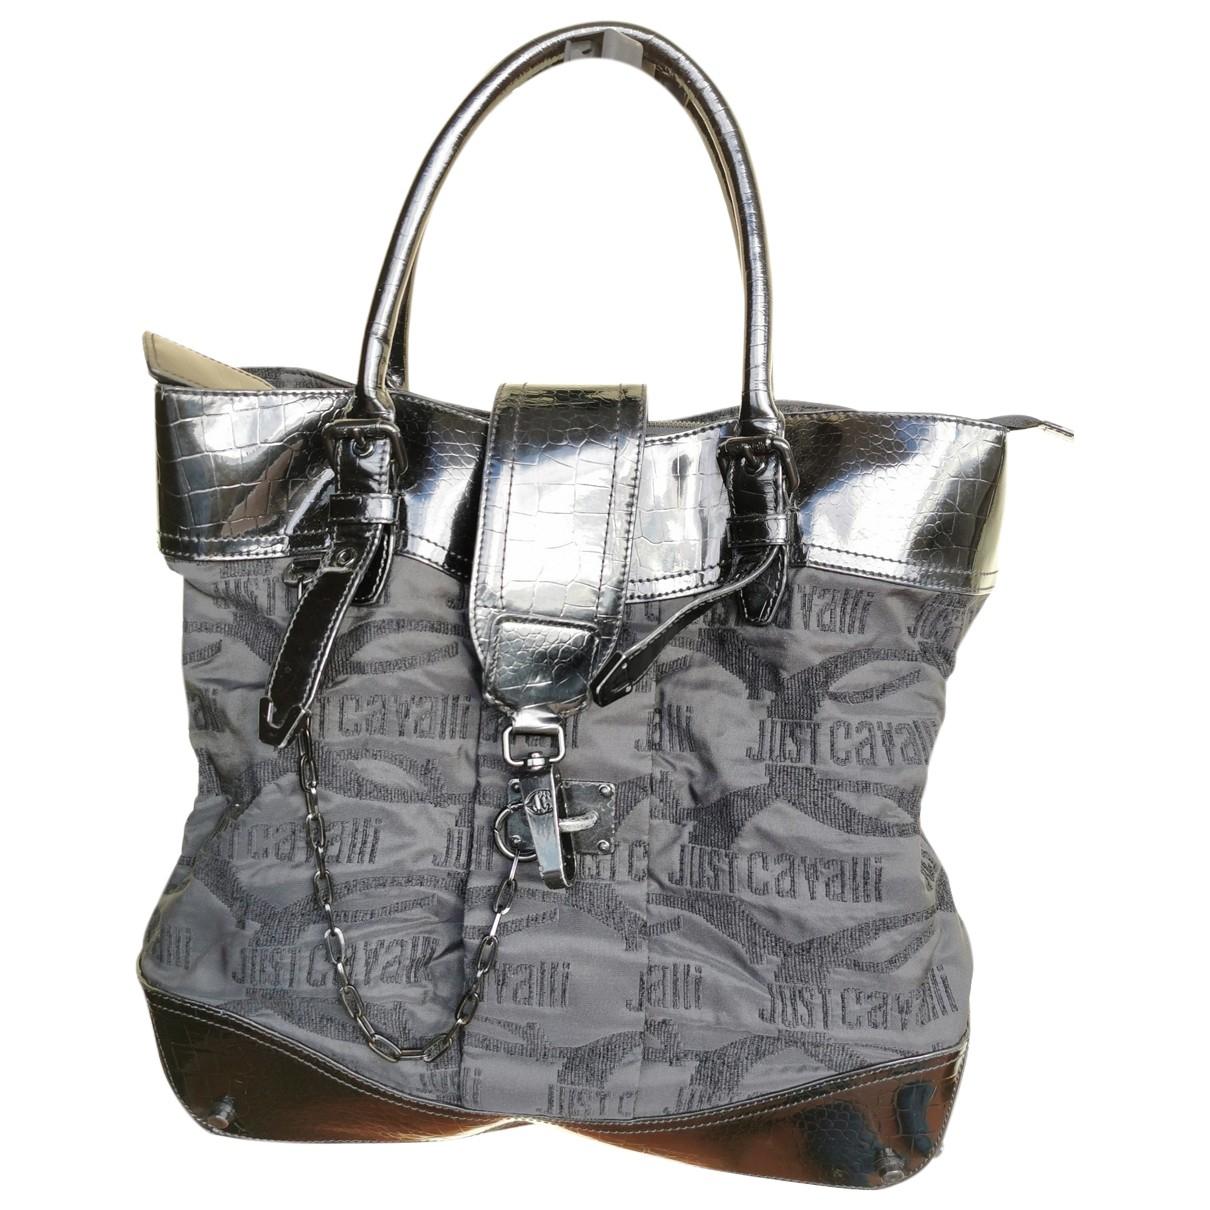 Just Cavalli \N Handtasche in  Schwarz Baumwolle